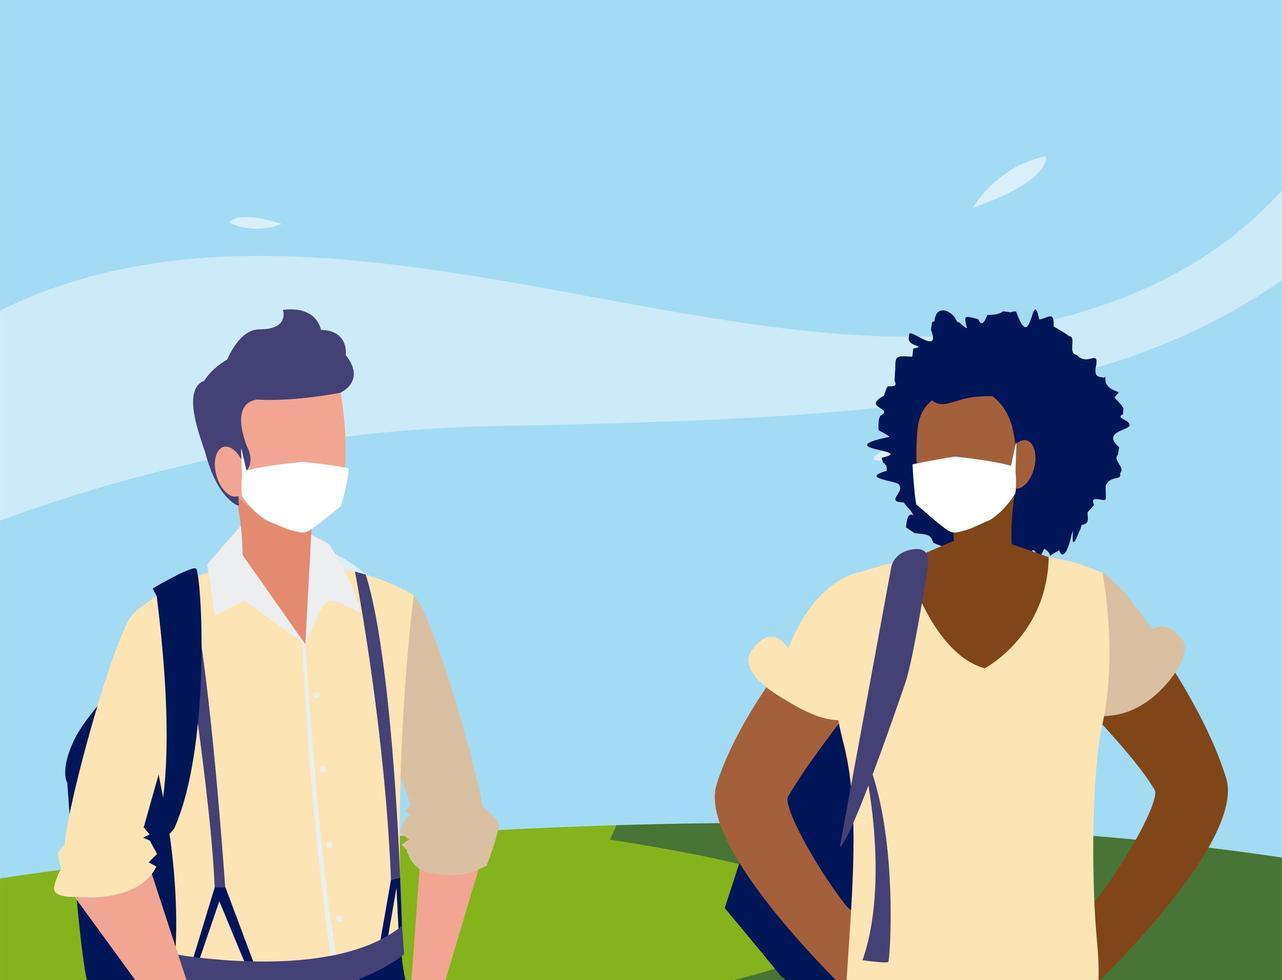 Männeravatare mit Masken außerhalb des Vektordesigns vektor